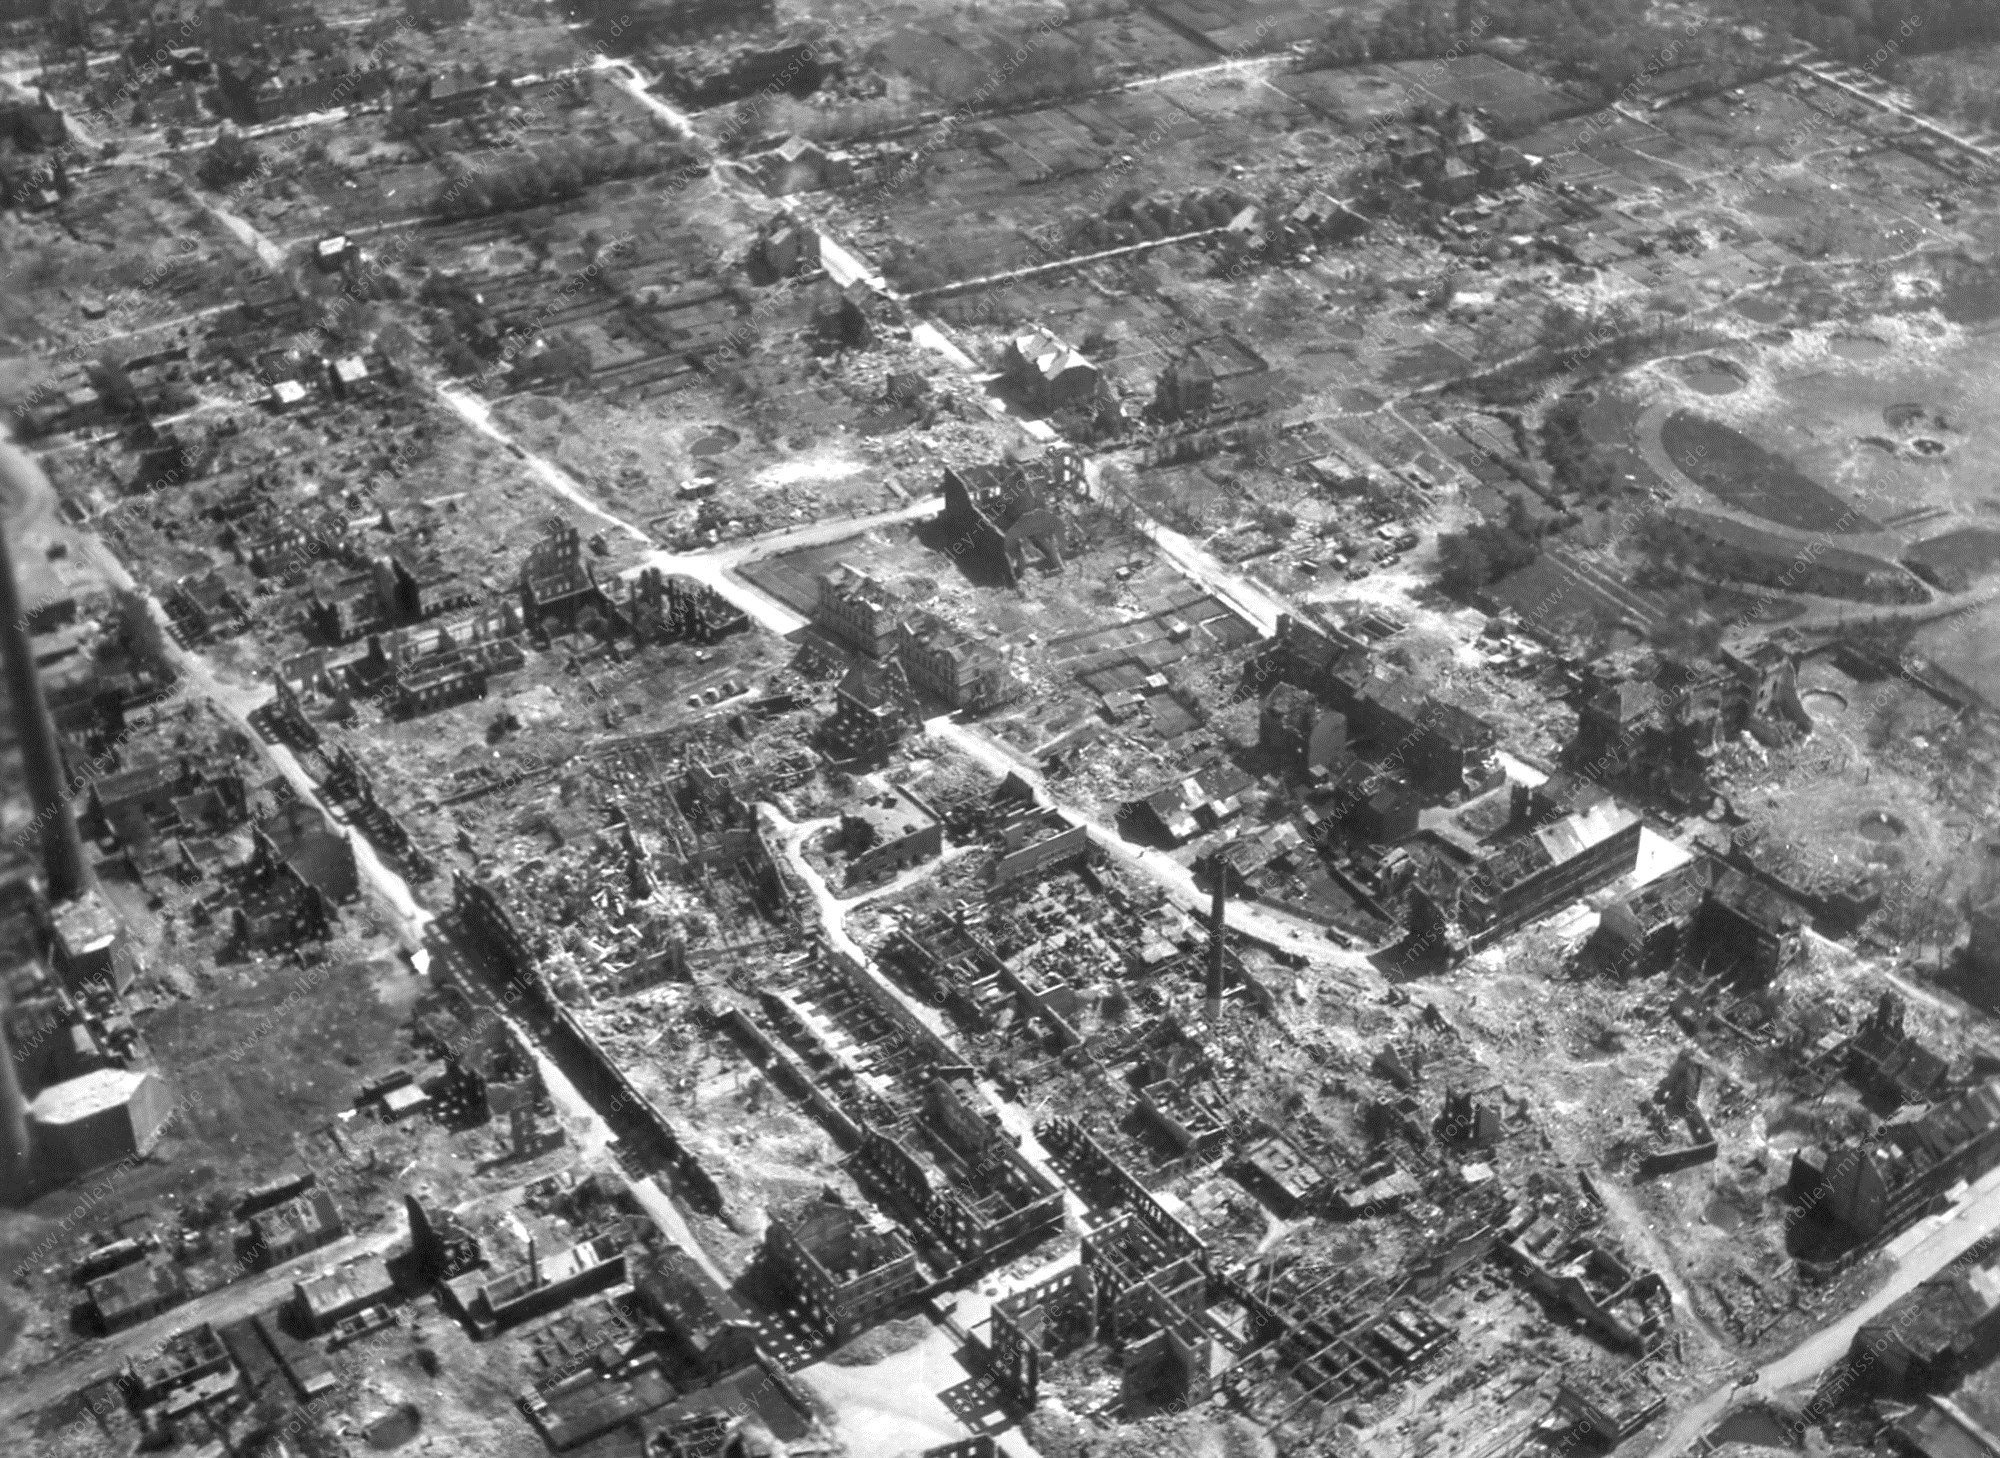 Luftbild vom Stadtteil Schalke in Gelsenkirchen nach den Luftangriffen im Mai 1945